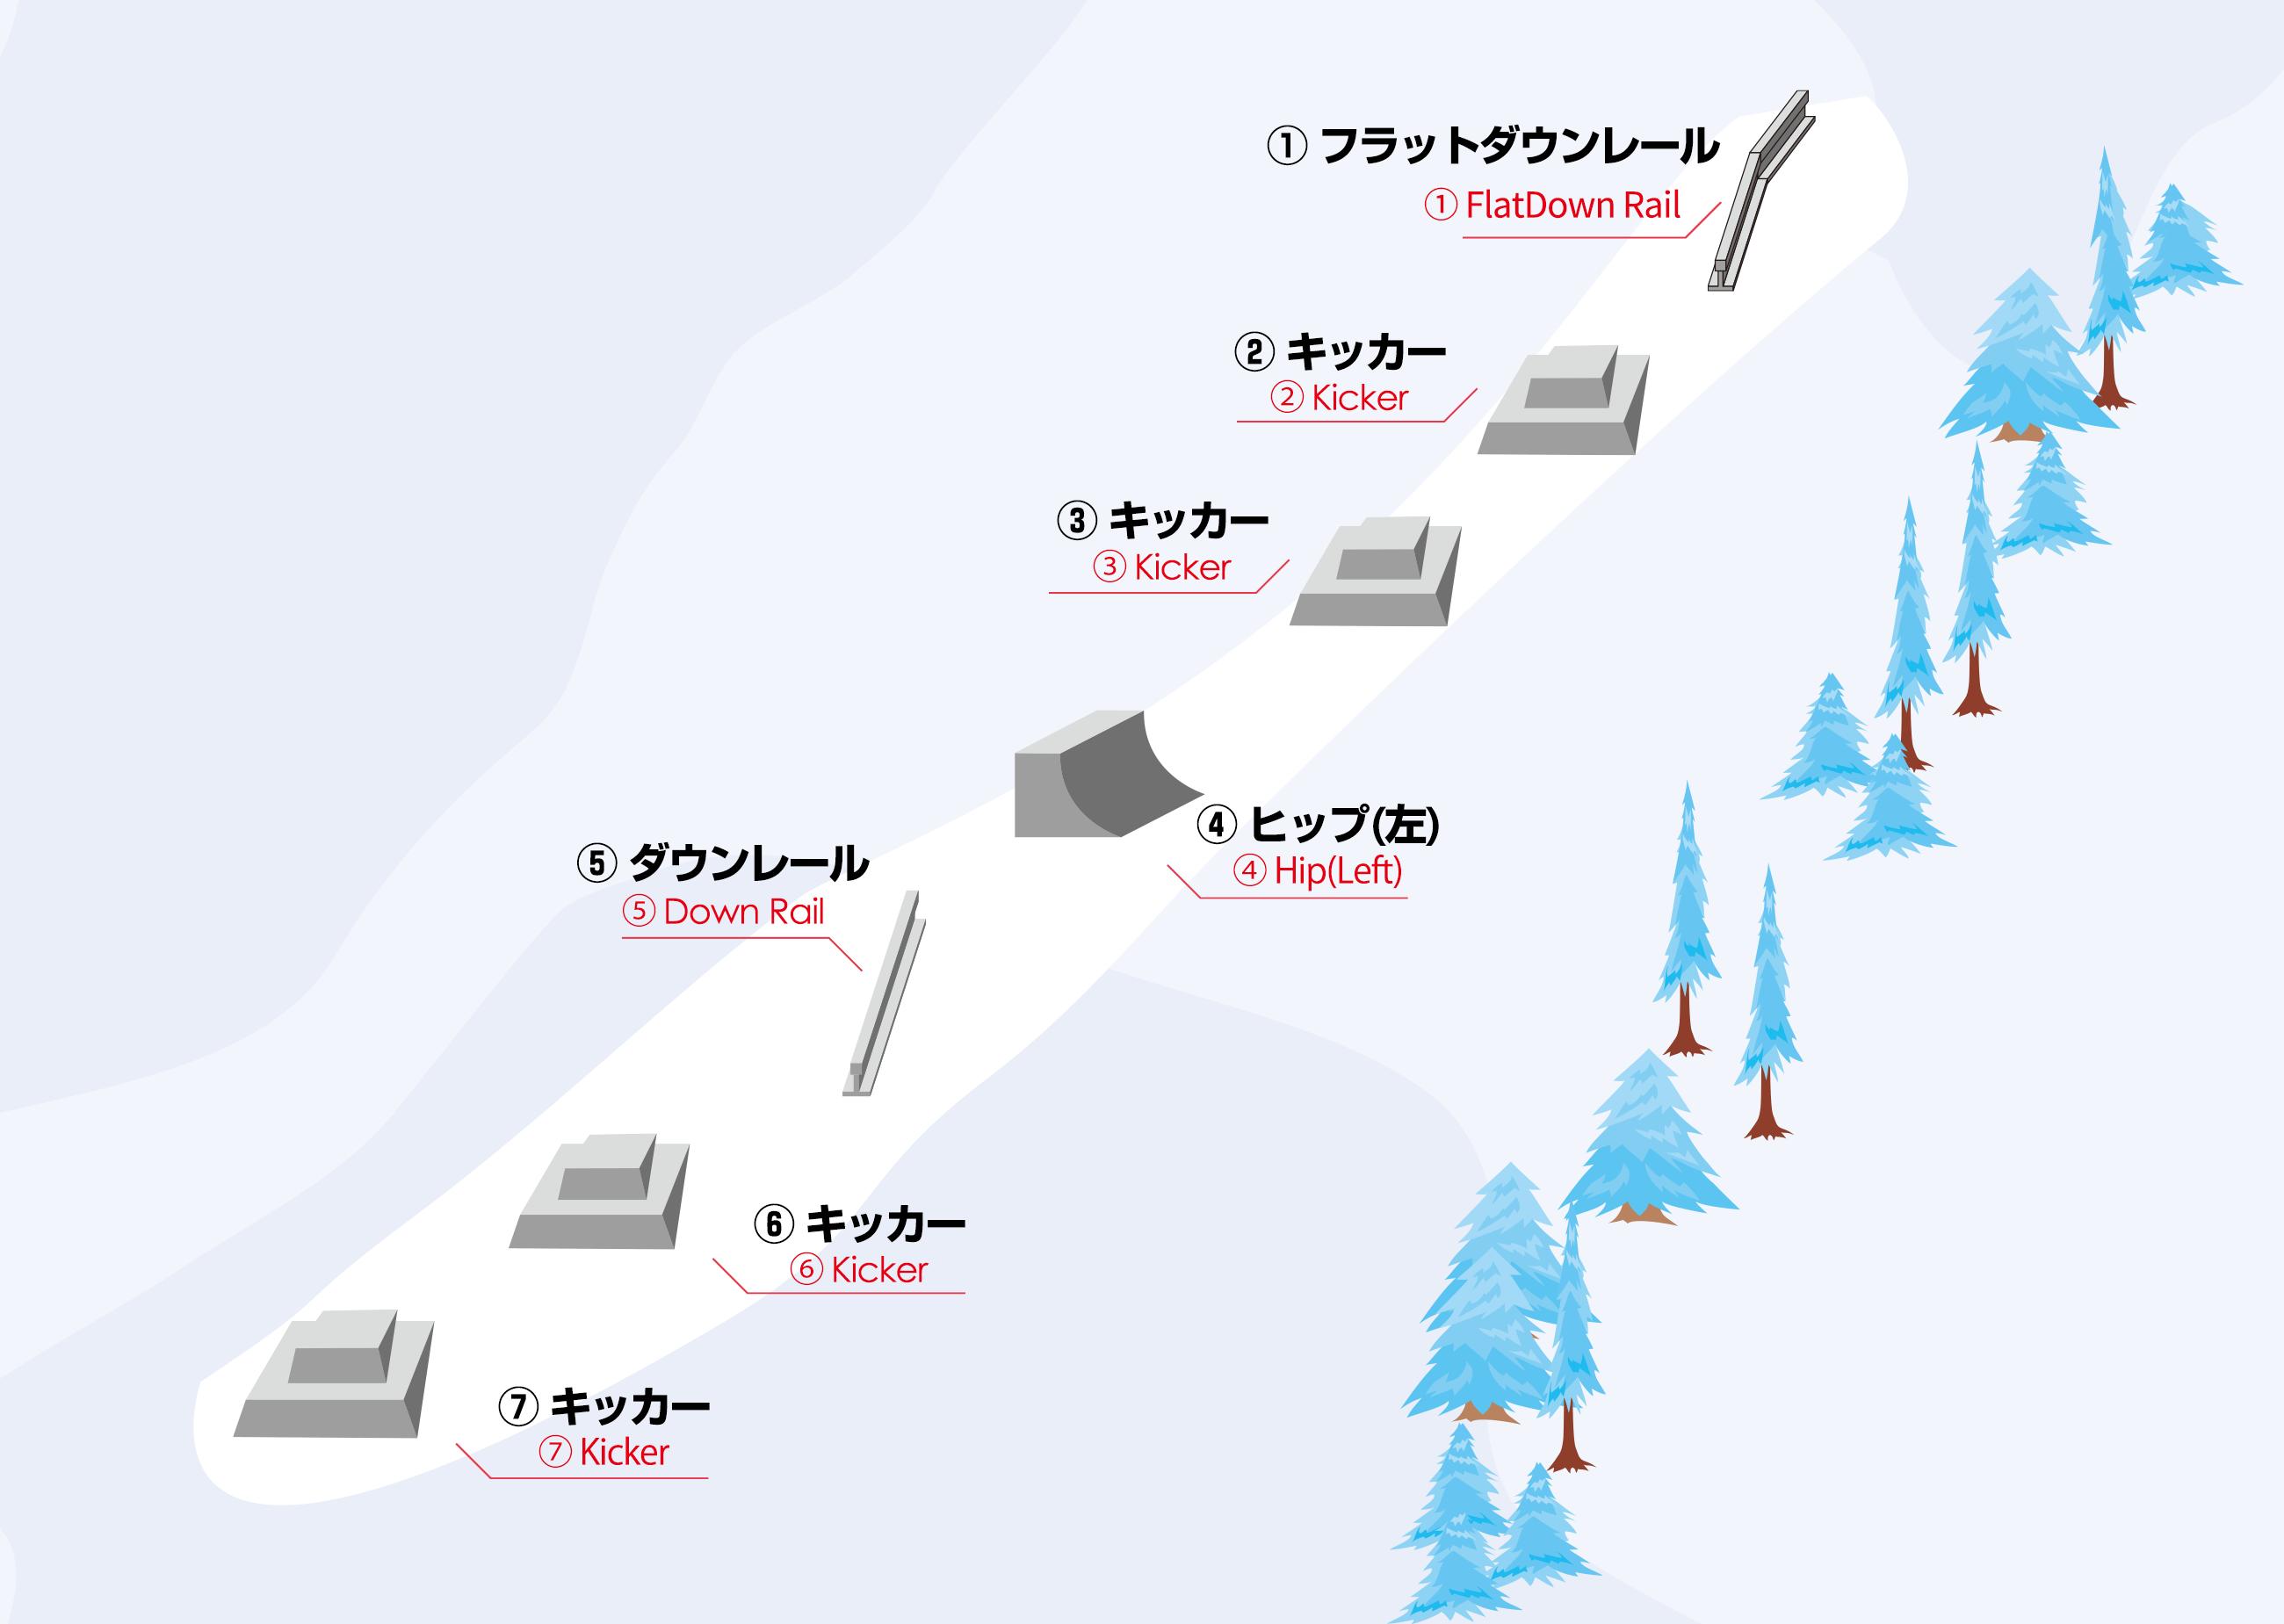 メインパークの図